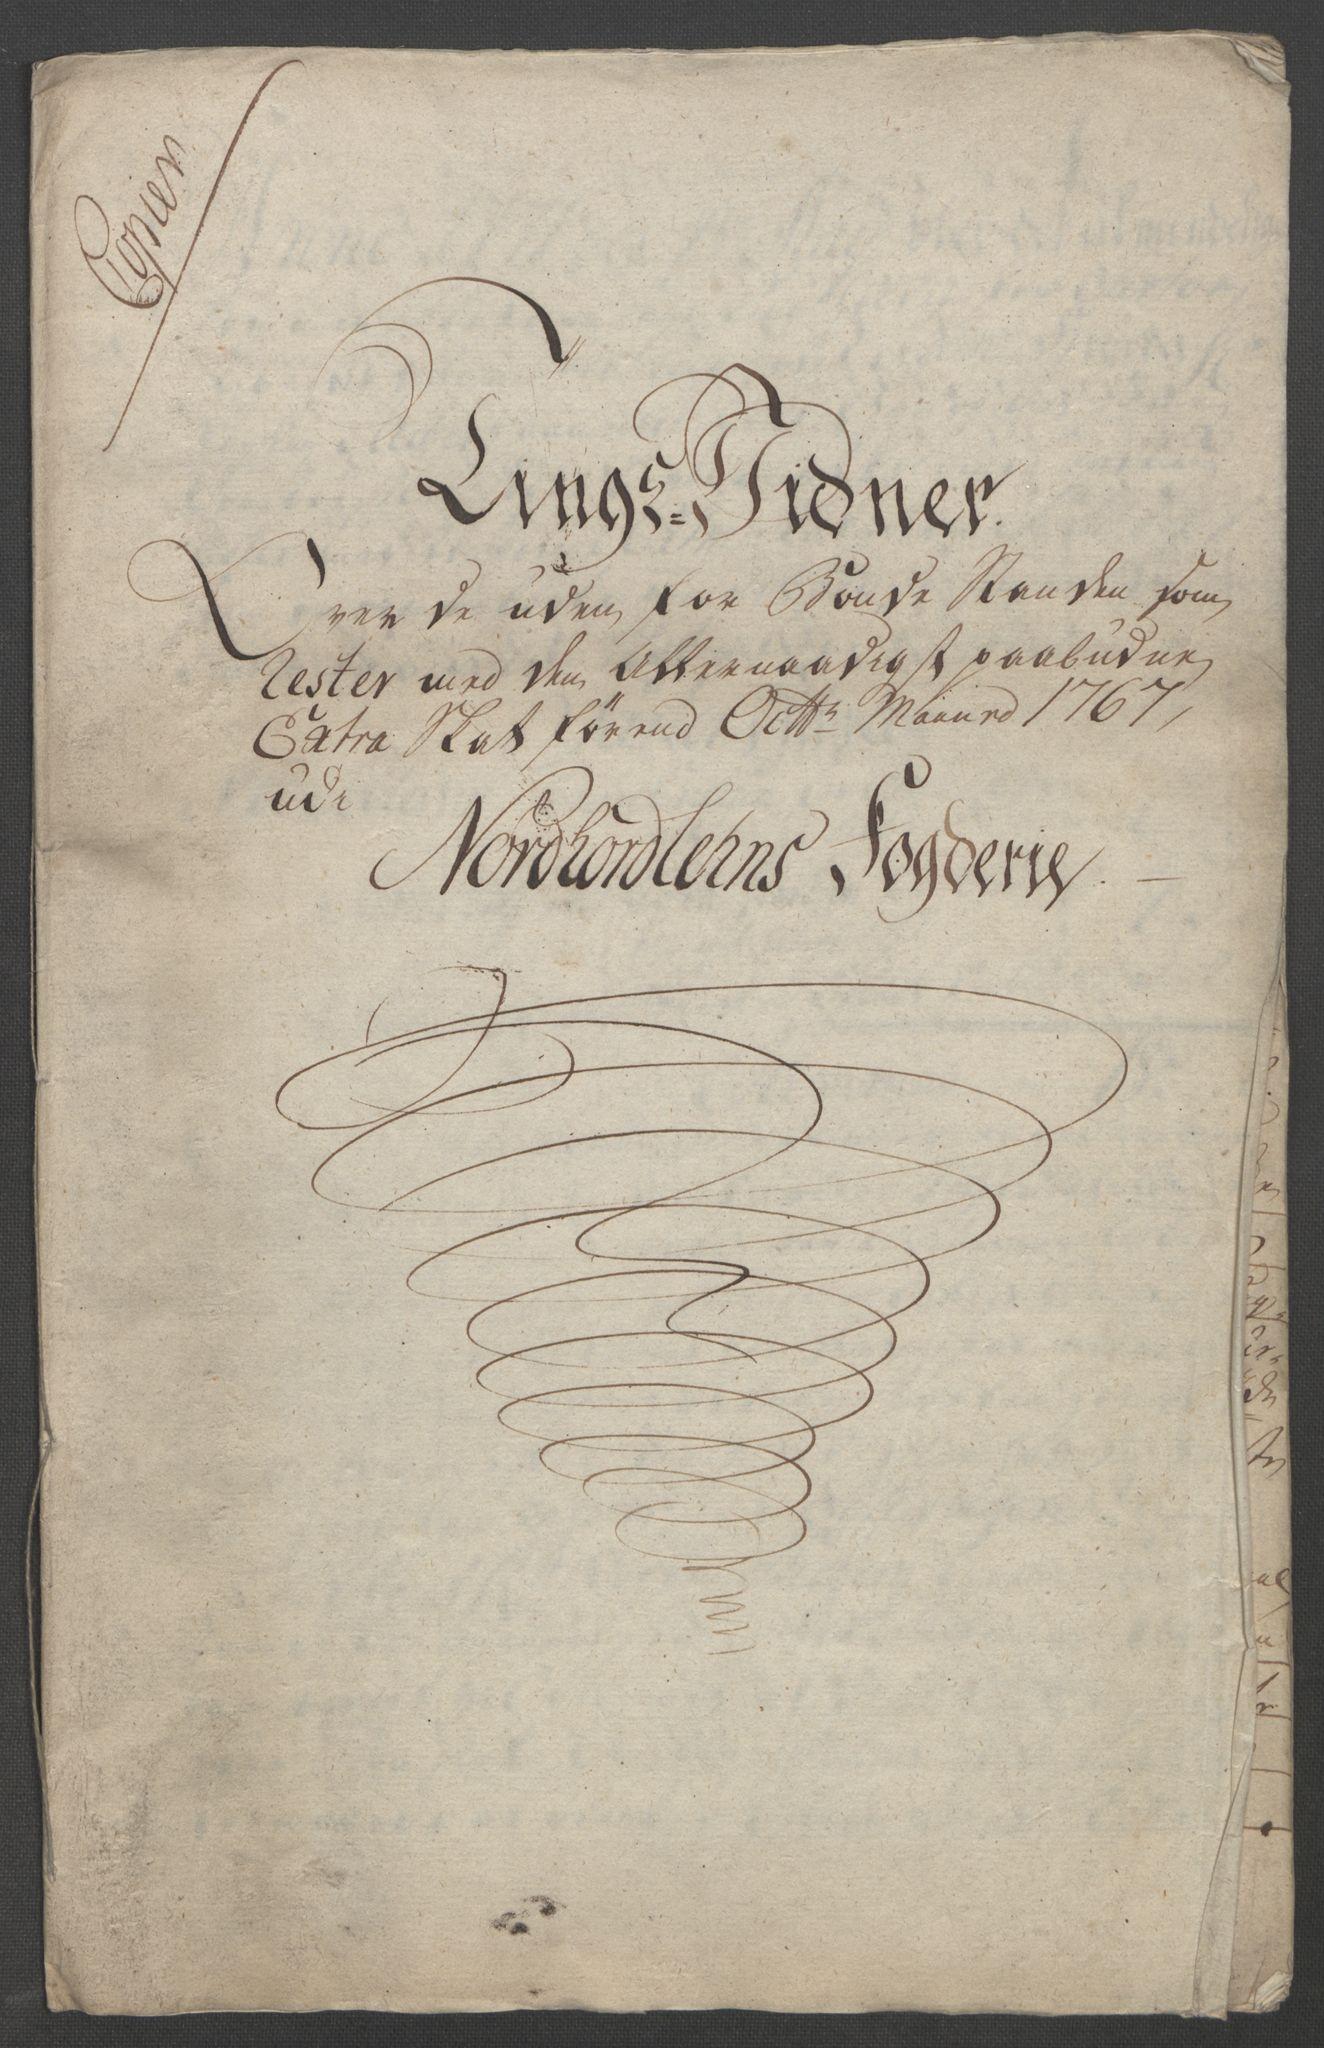 RA, Rentekammeret inntil 1814, Reviderte regnskaper, Fogderegnskap, R51/L3303: Ekstraskatten Nordhordland og Voss, 1762-1772, s. 547